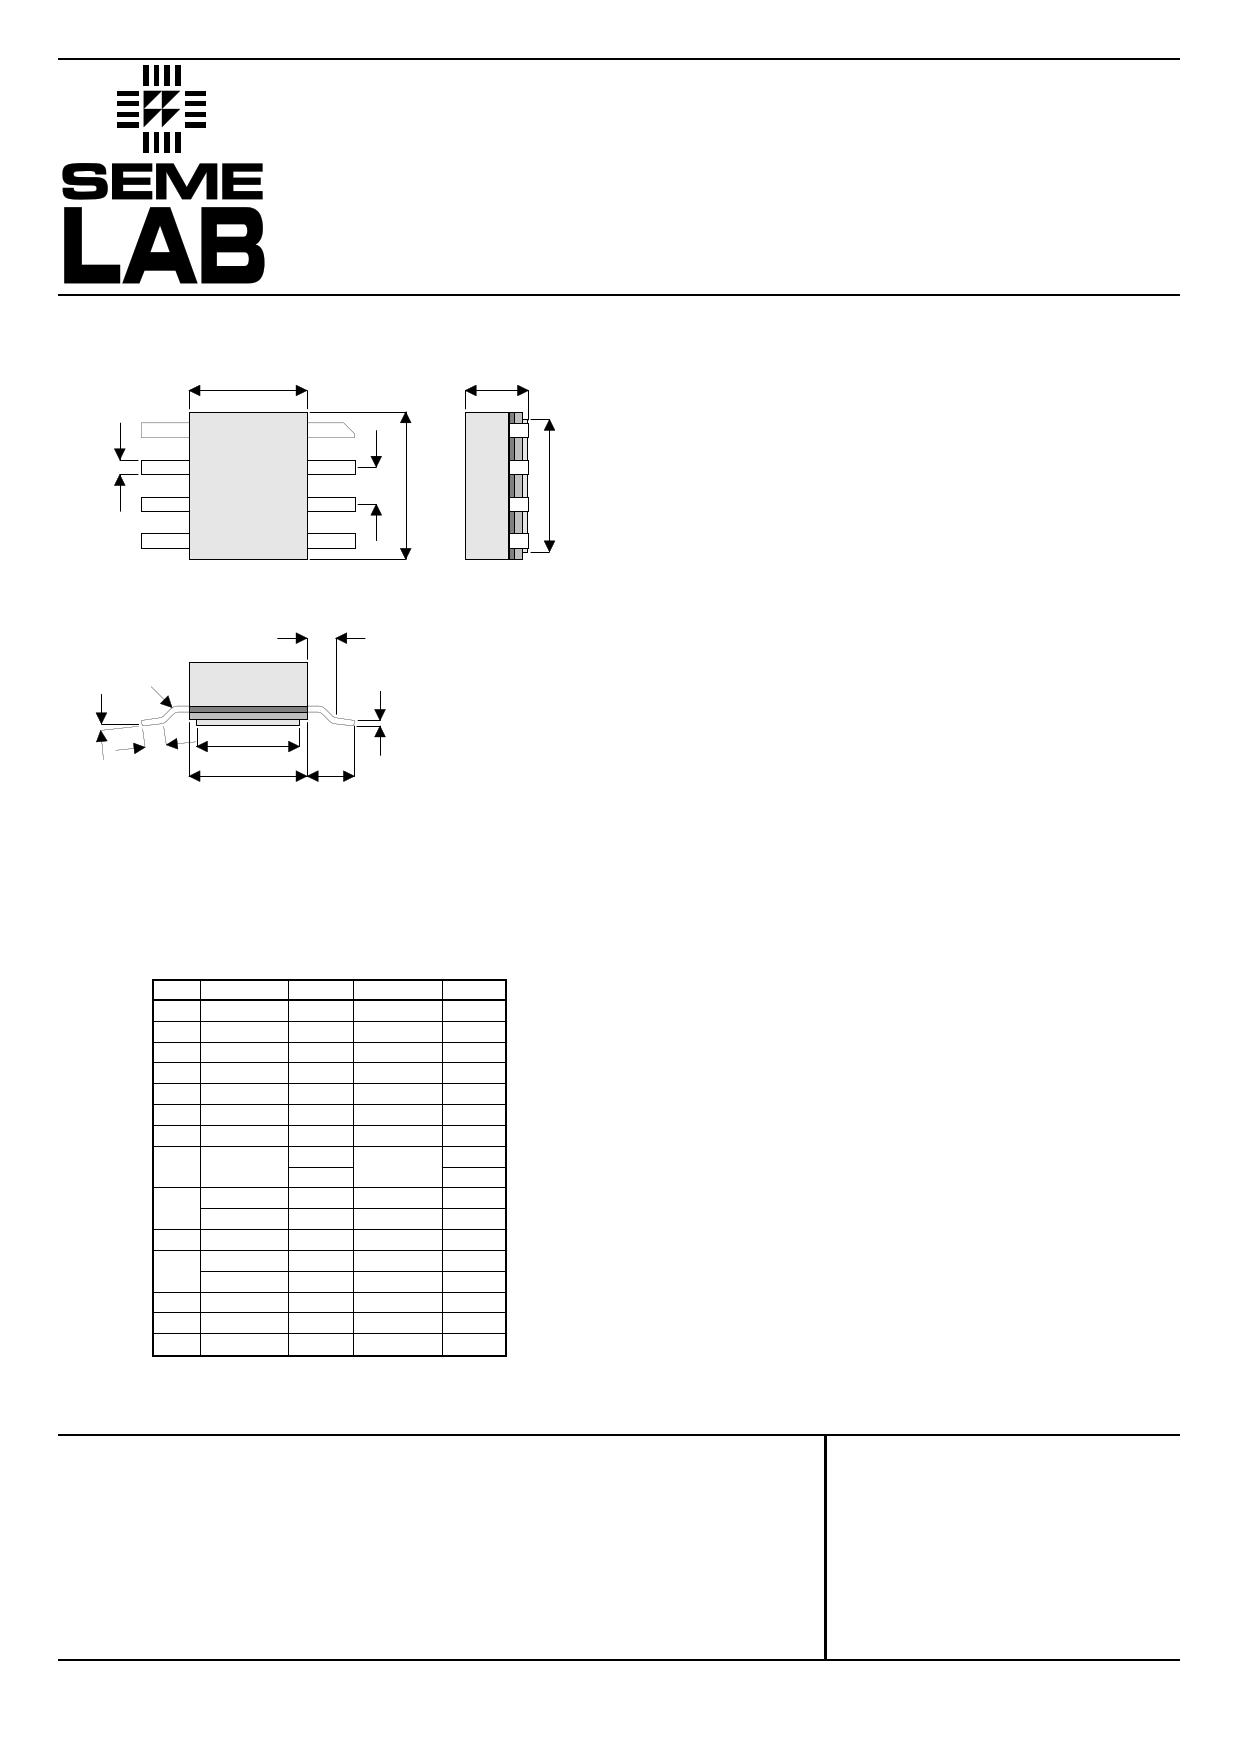 D1011 datasheet